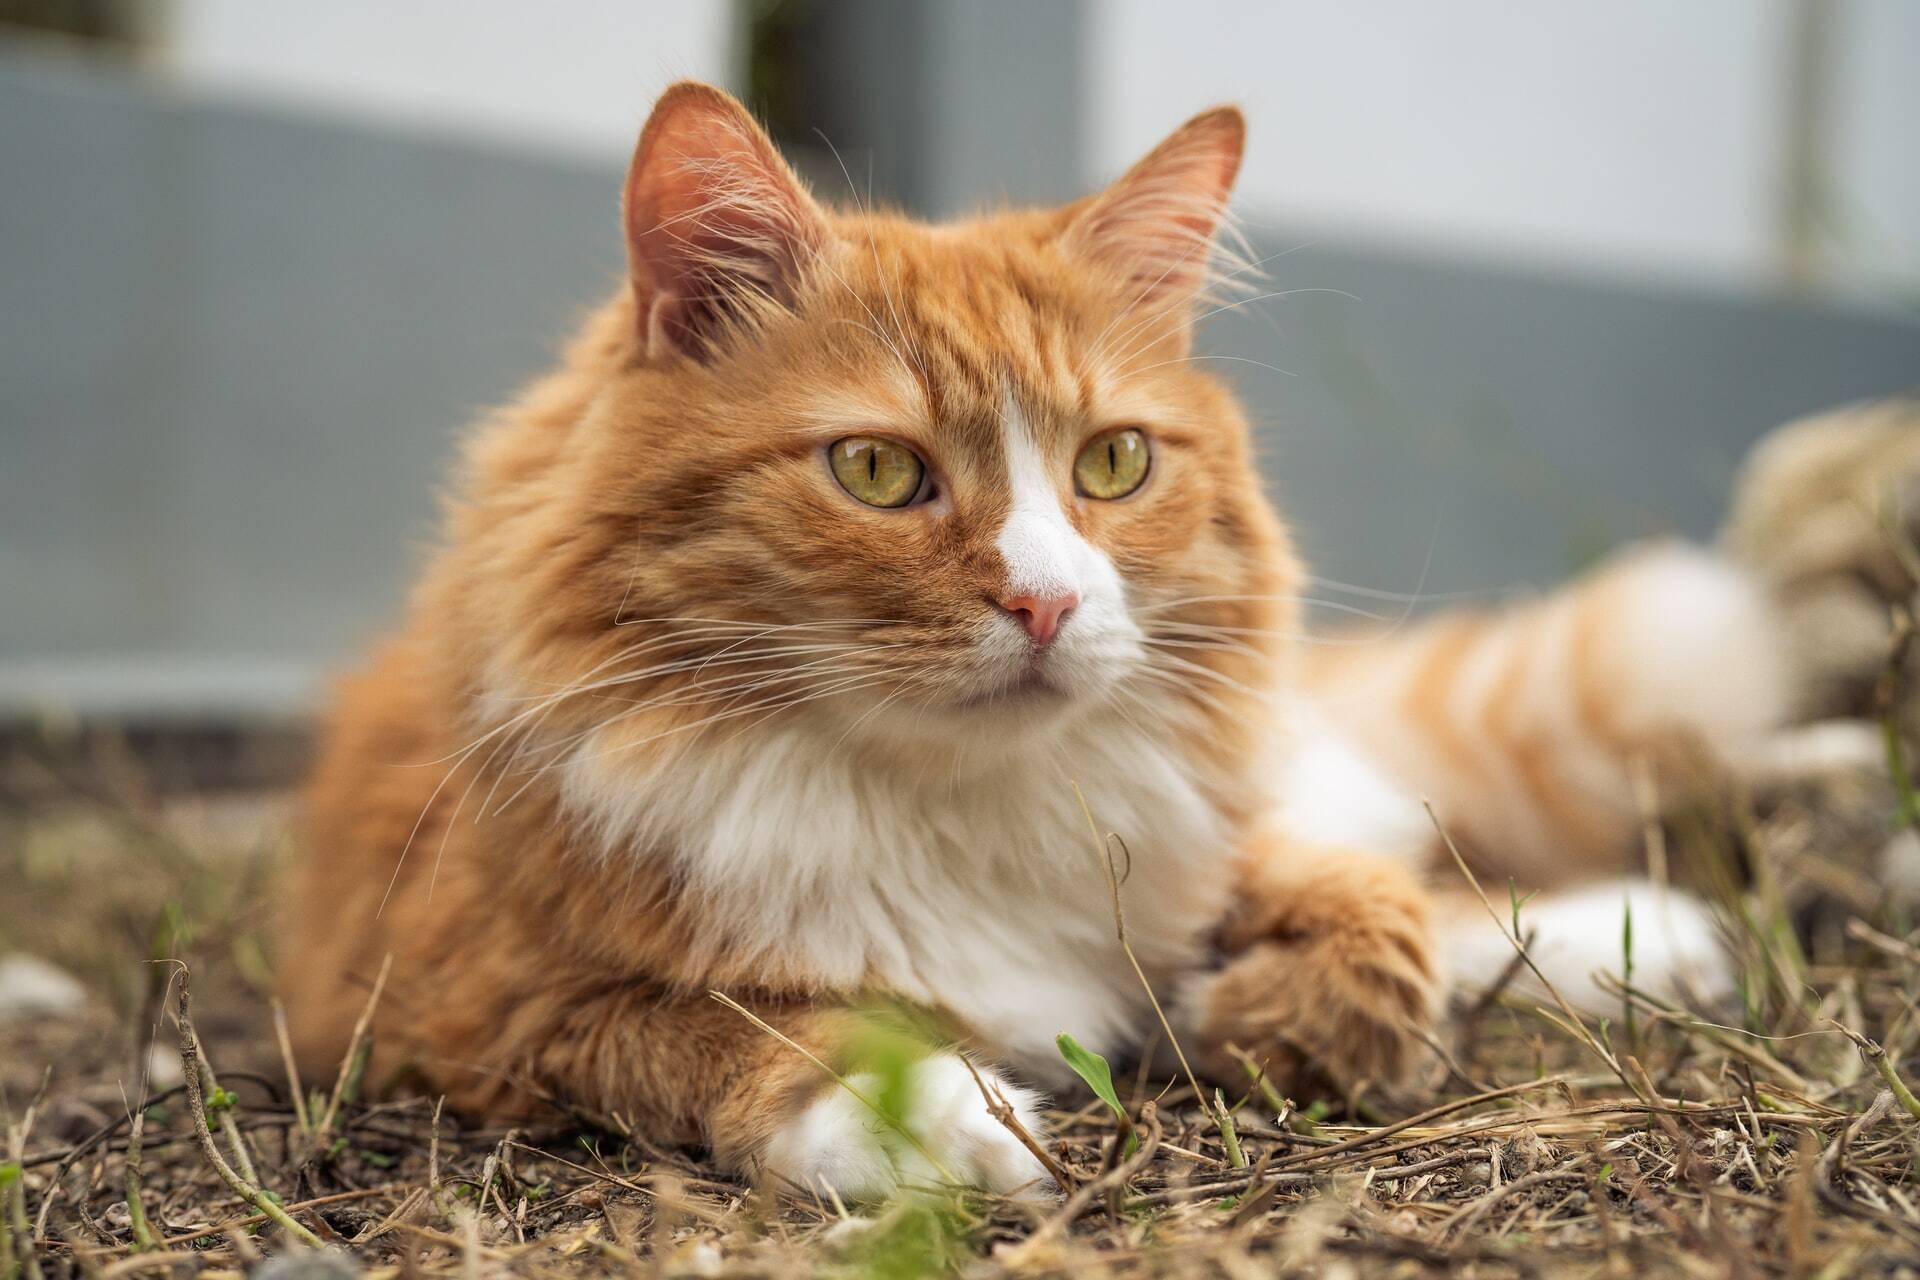 Gato reaparece após 6 anos e conforta a dona, que enfrenta a Covid-19